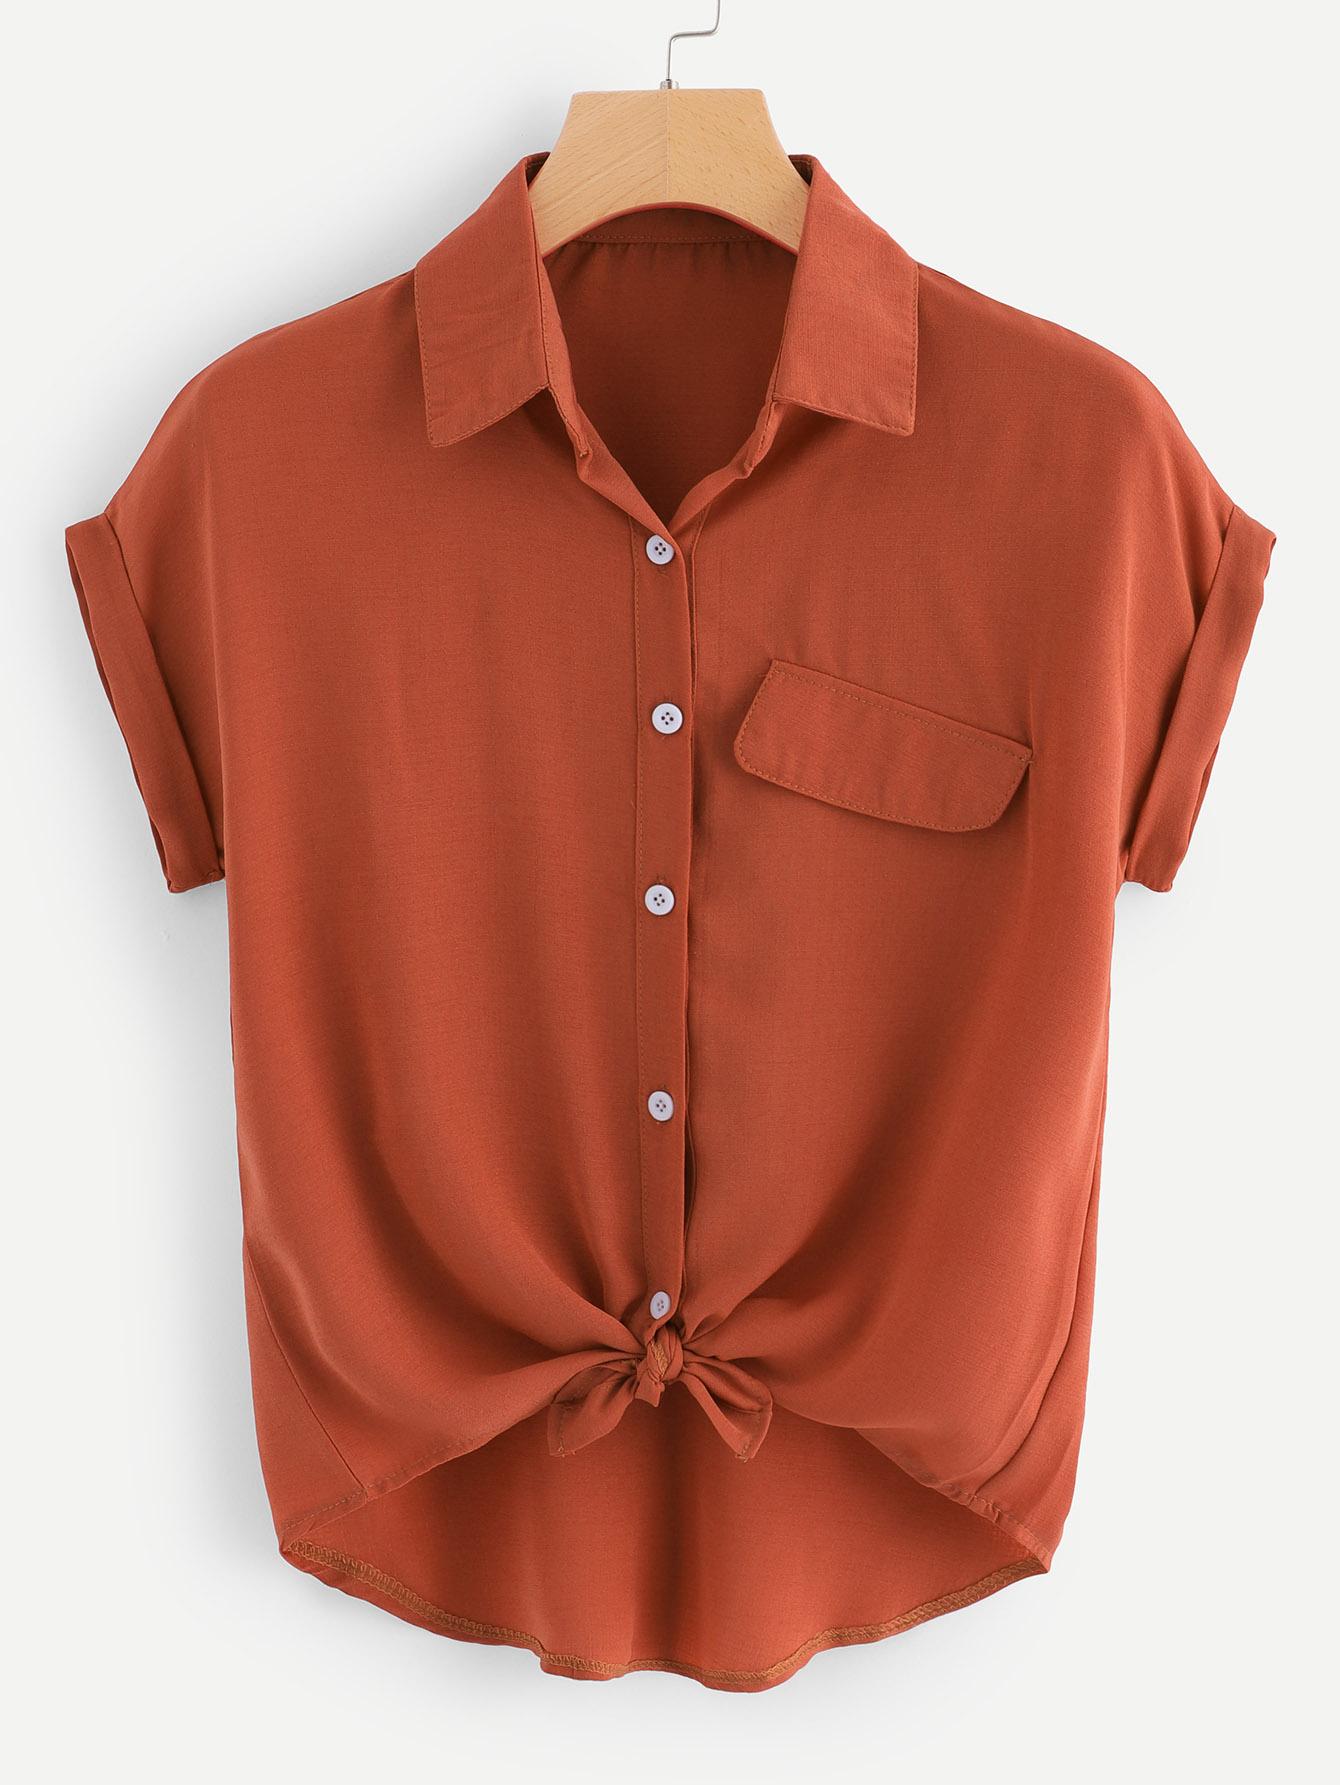 Купить Повседневный Одноцветный Пуговица Желтовато бурый Блузы+рубашки, null, SheIn